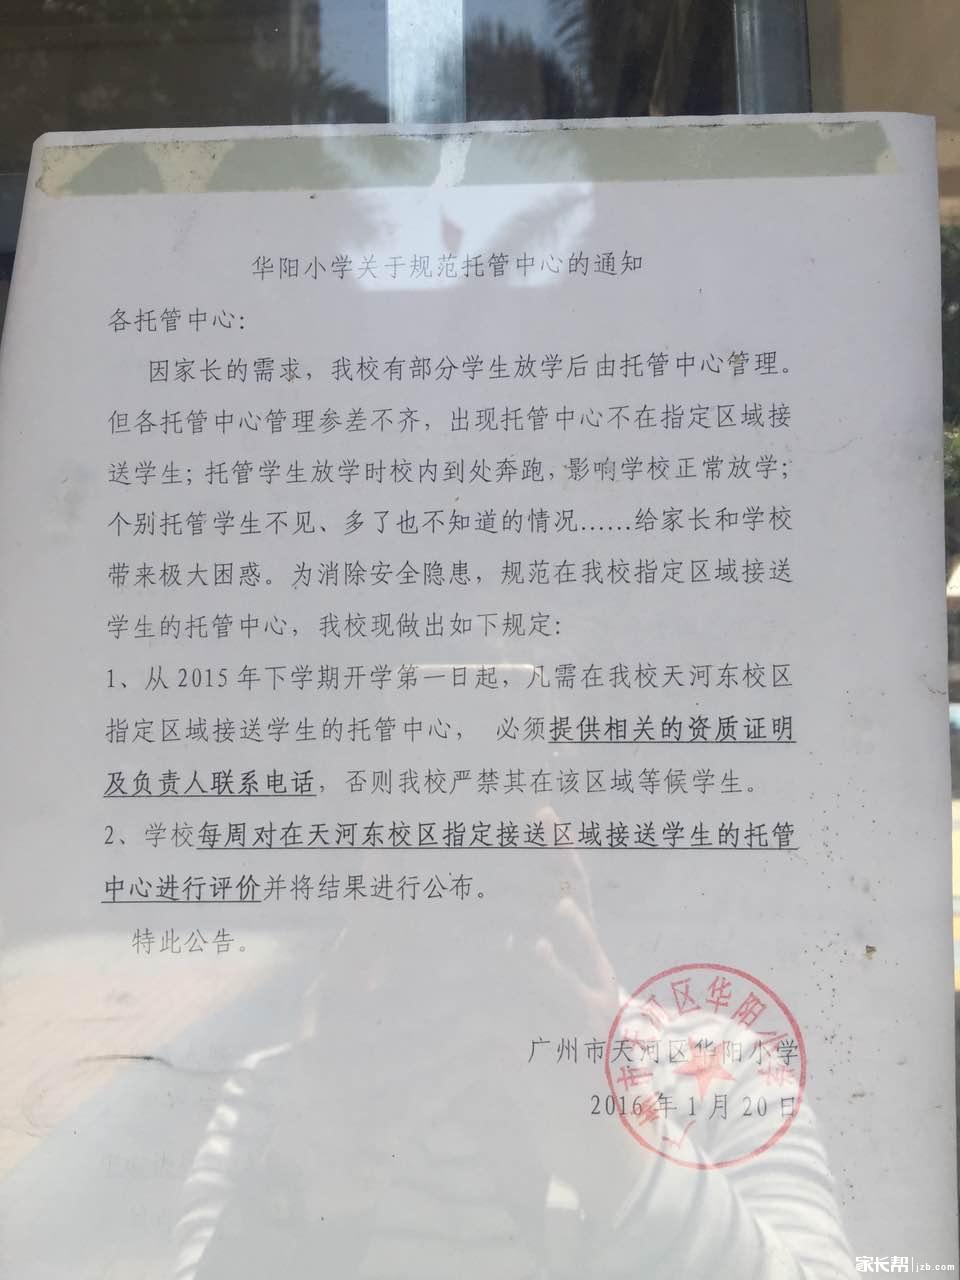 华阳小学对托管这块管的挺好的_2016广州幼升心理健康中小学生观后感图片